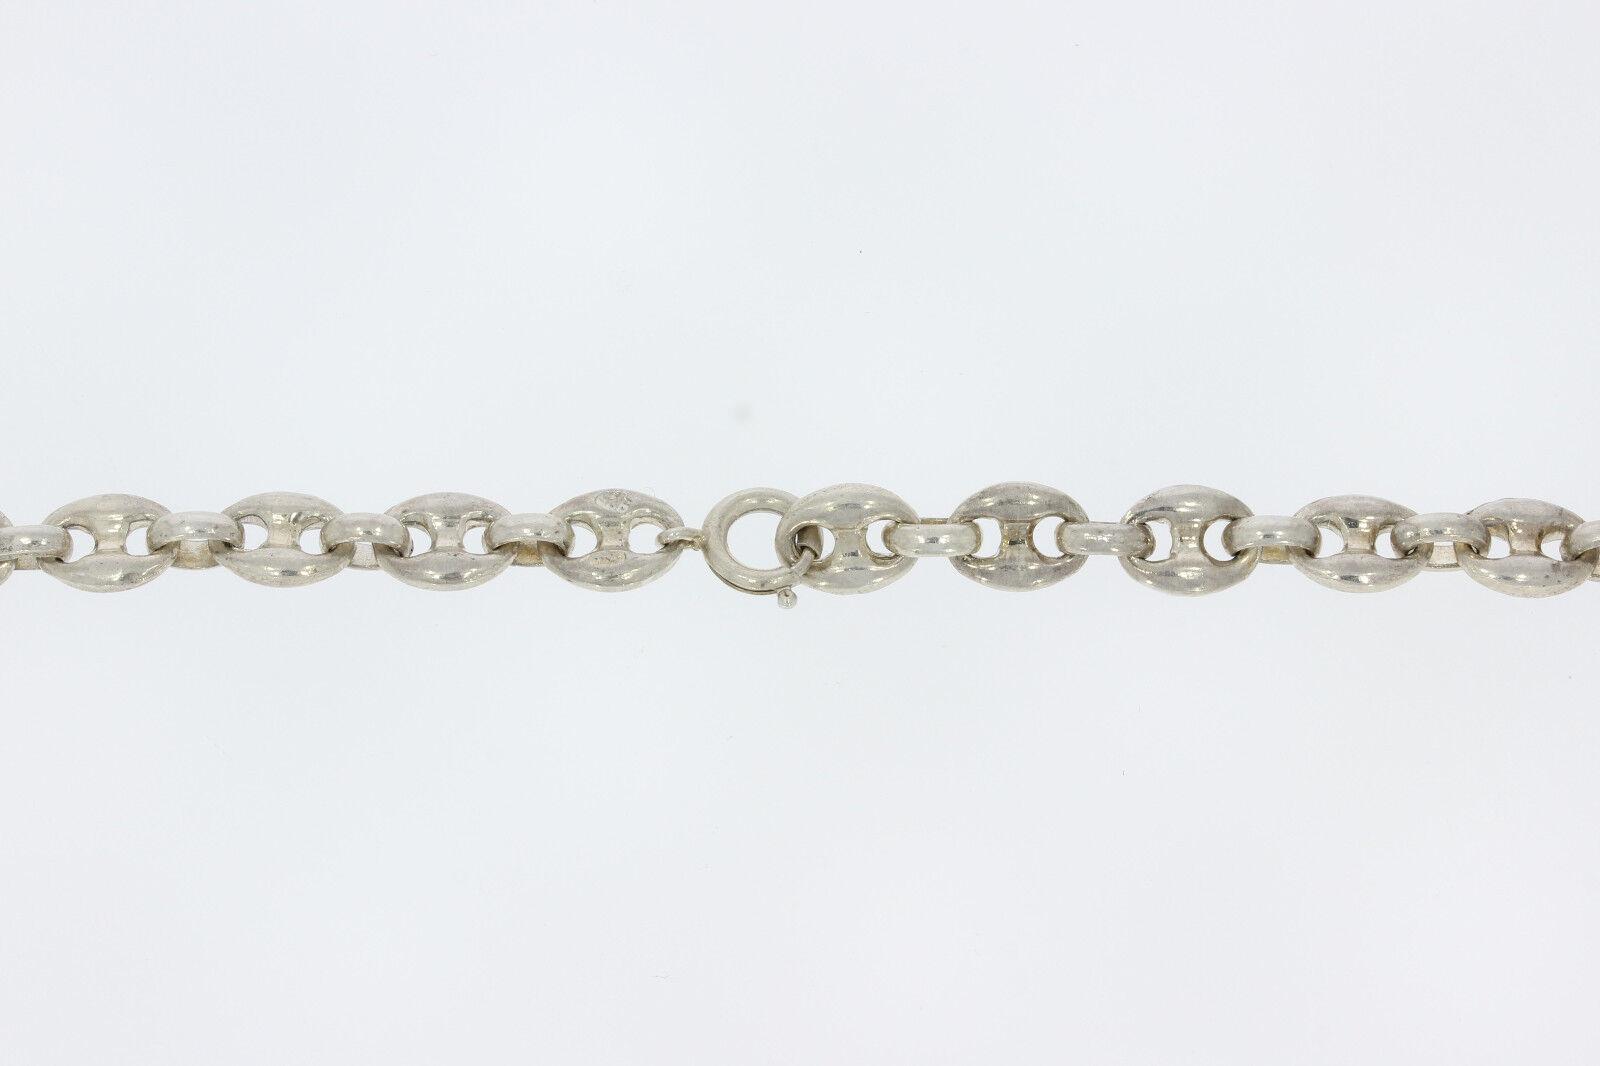 Sr611-925er argentoo argentoo argentoo catena catena Italia lungo 80 cm di larghezza 8 MM peso 81 8 grammi d1f524